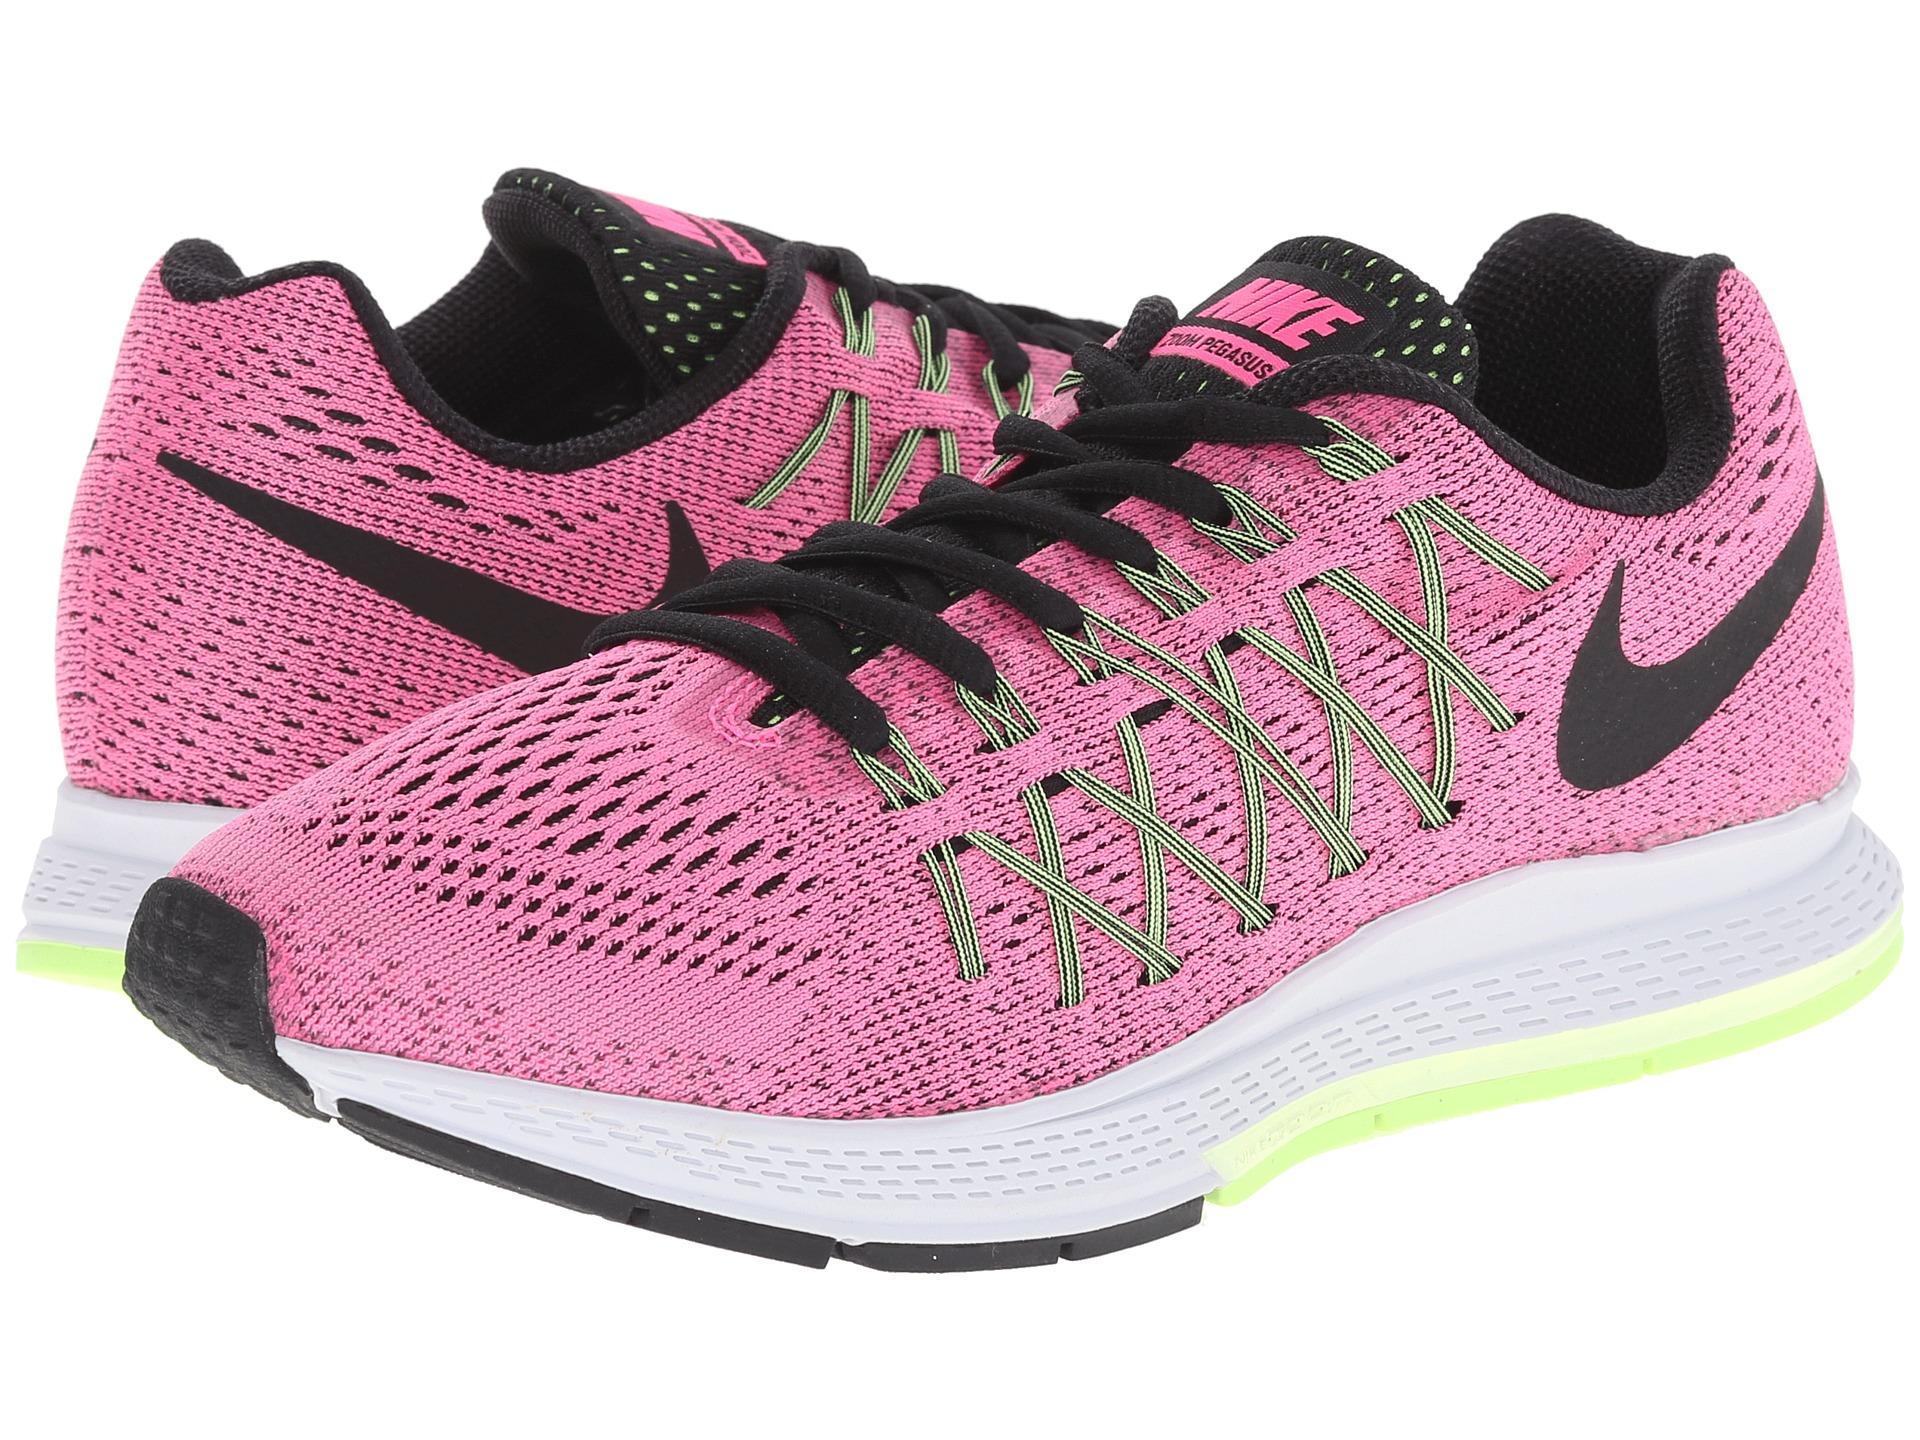 Nike Air Zoom Pegasus 32 at 6pm.com